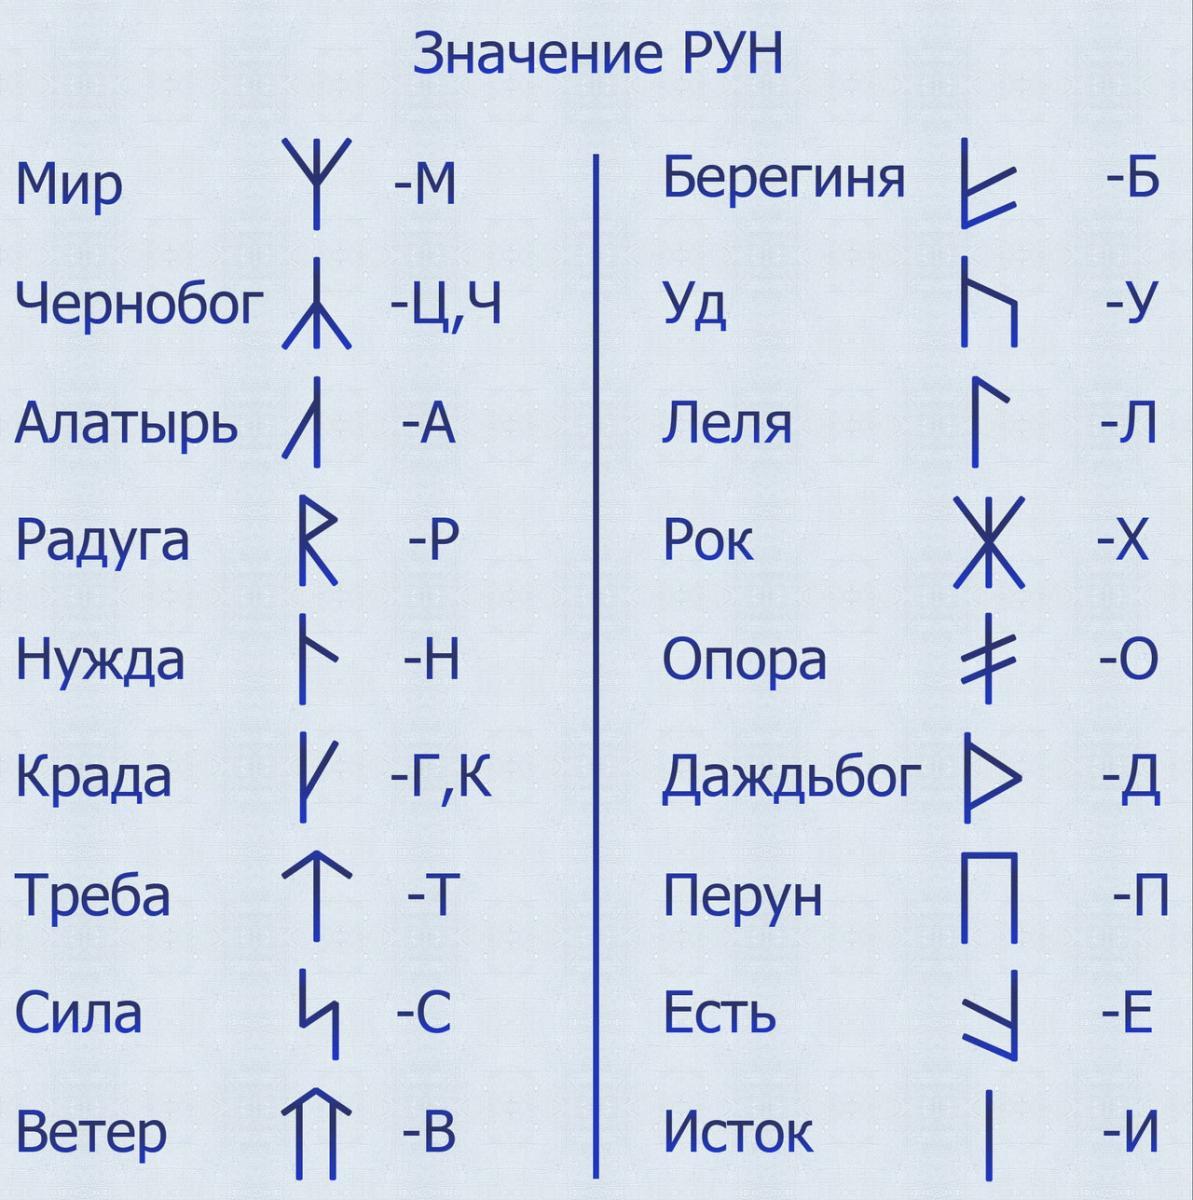 Славянские руны и их значение, Практики развития